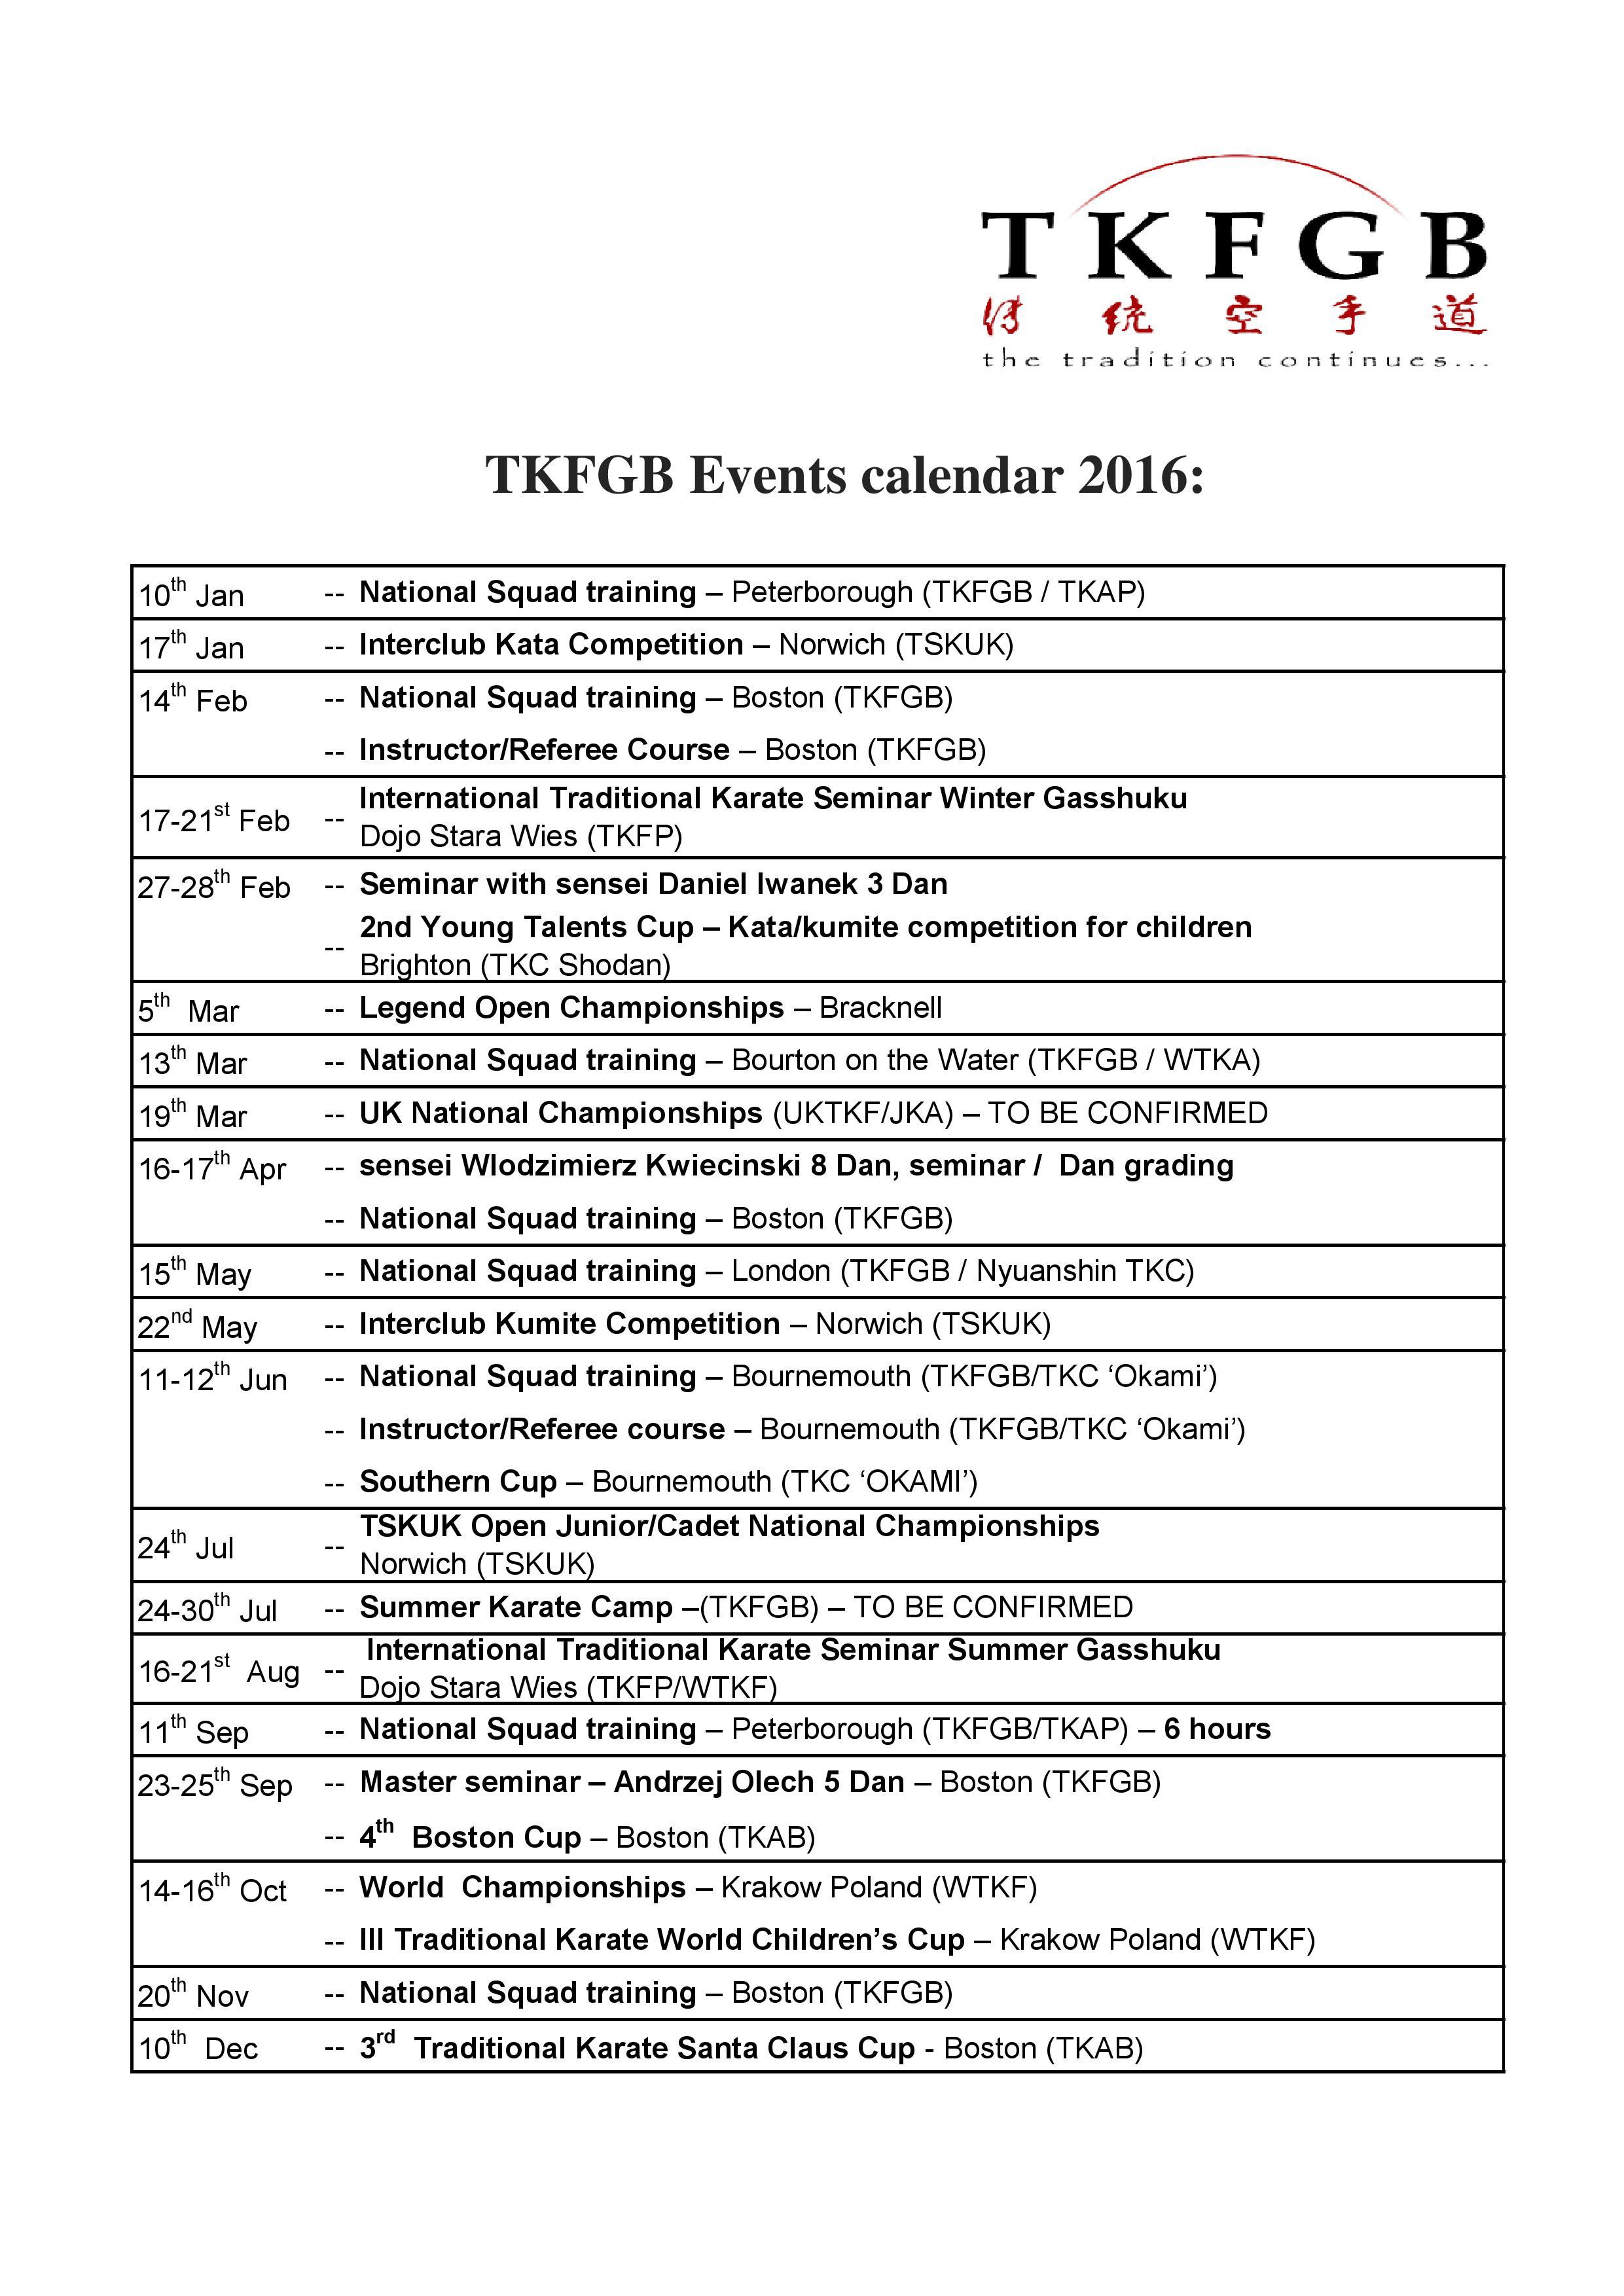 TKFGB Events Calendar 2016